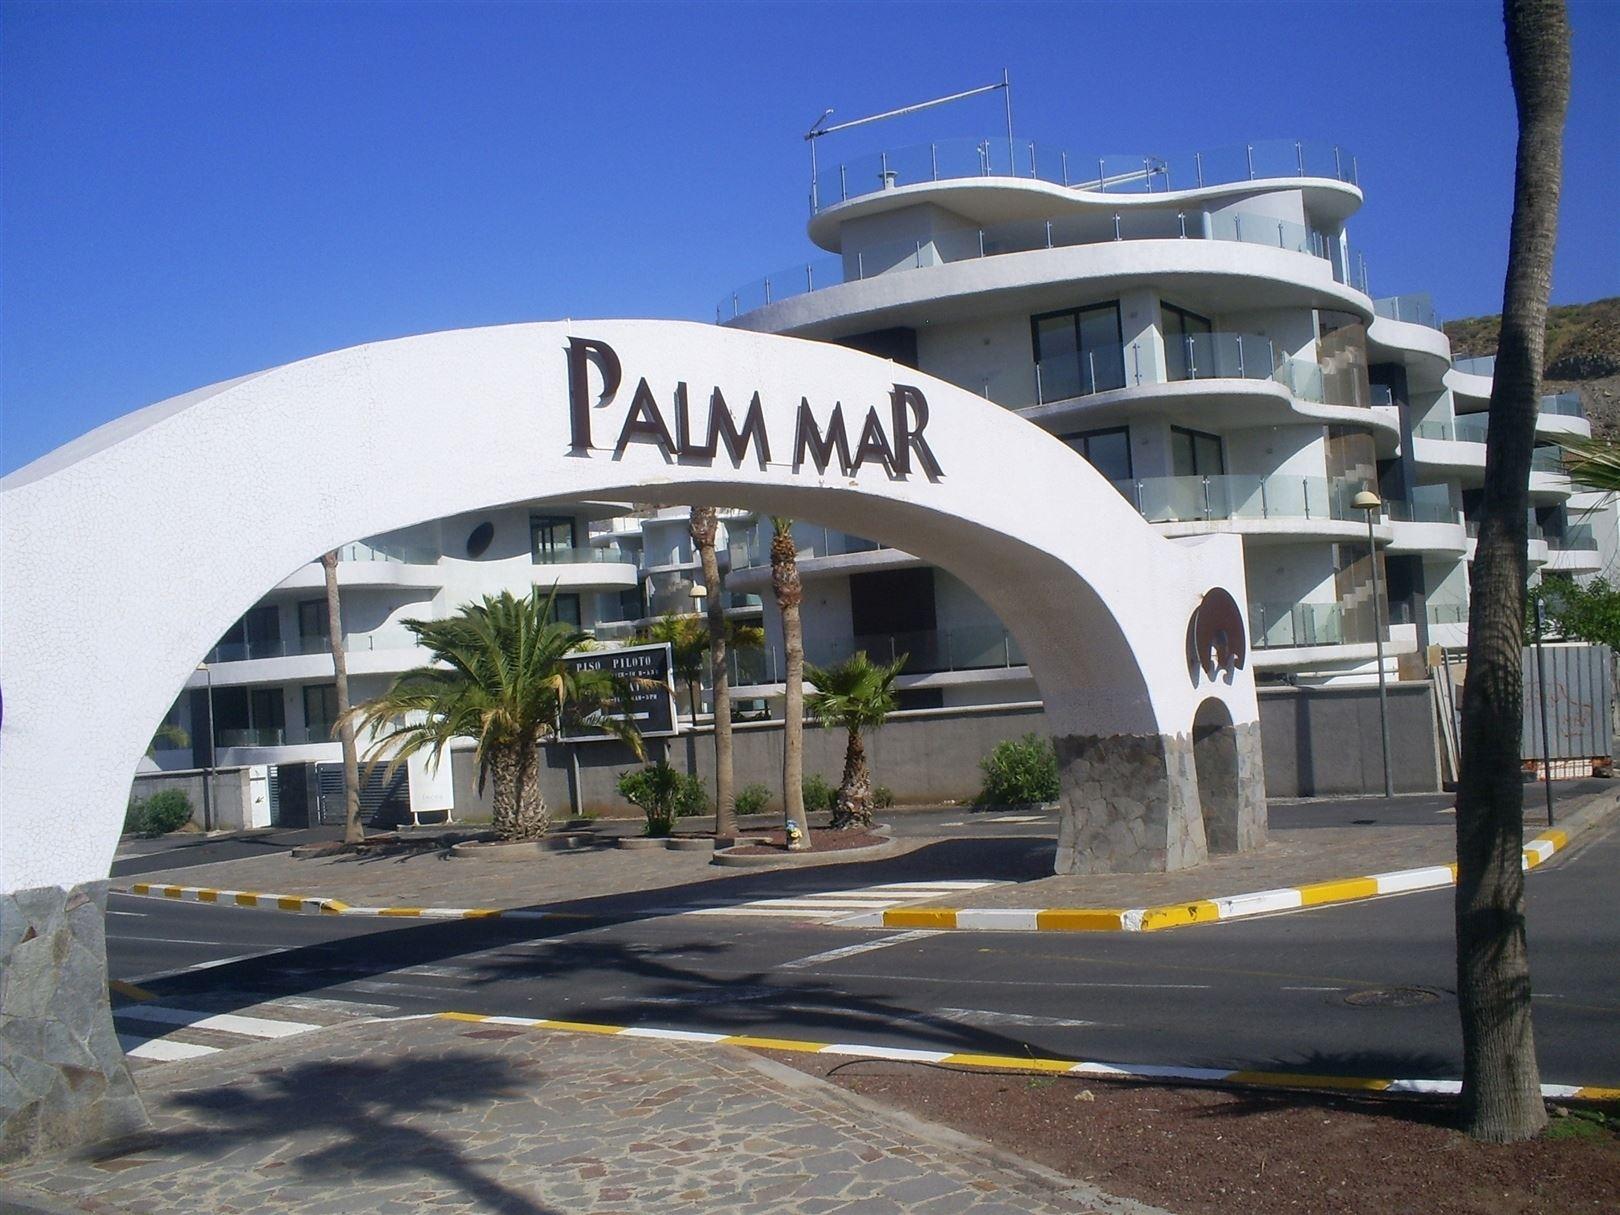 Foto 19 : Appartement te  ARONA - PALM MAR (Spanje) - Prijs Prijs op aanvraag